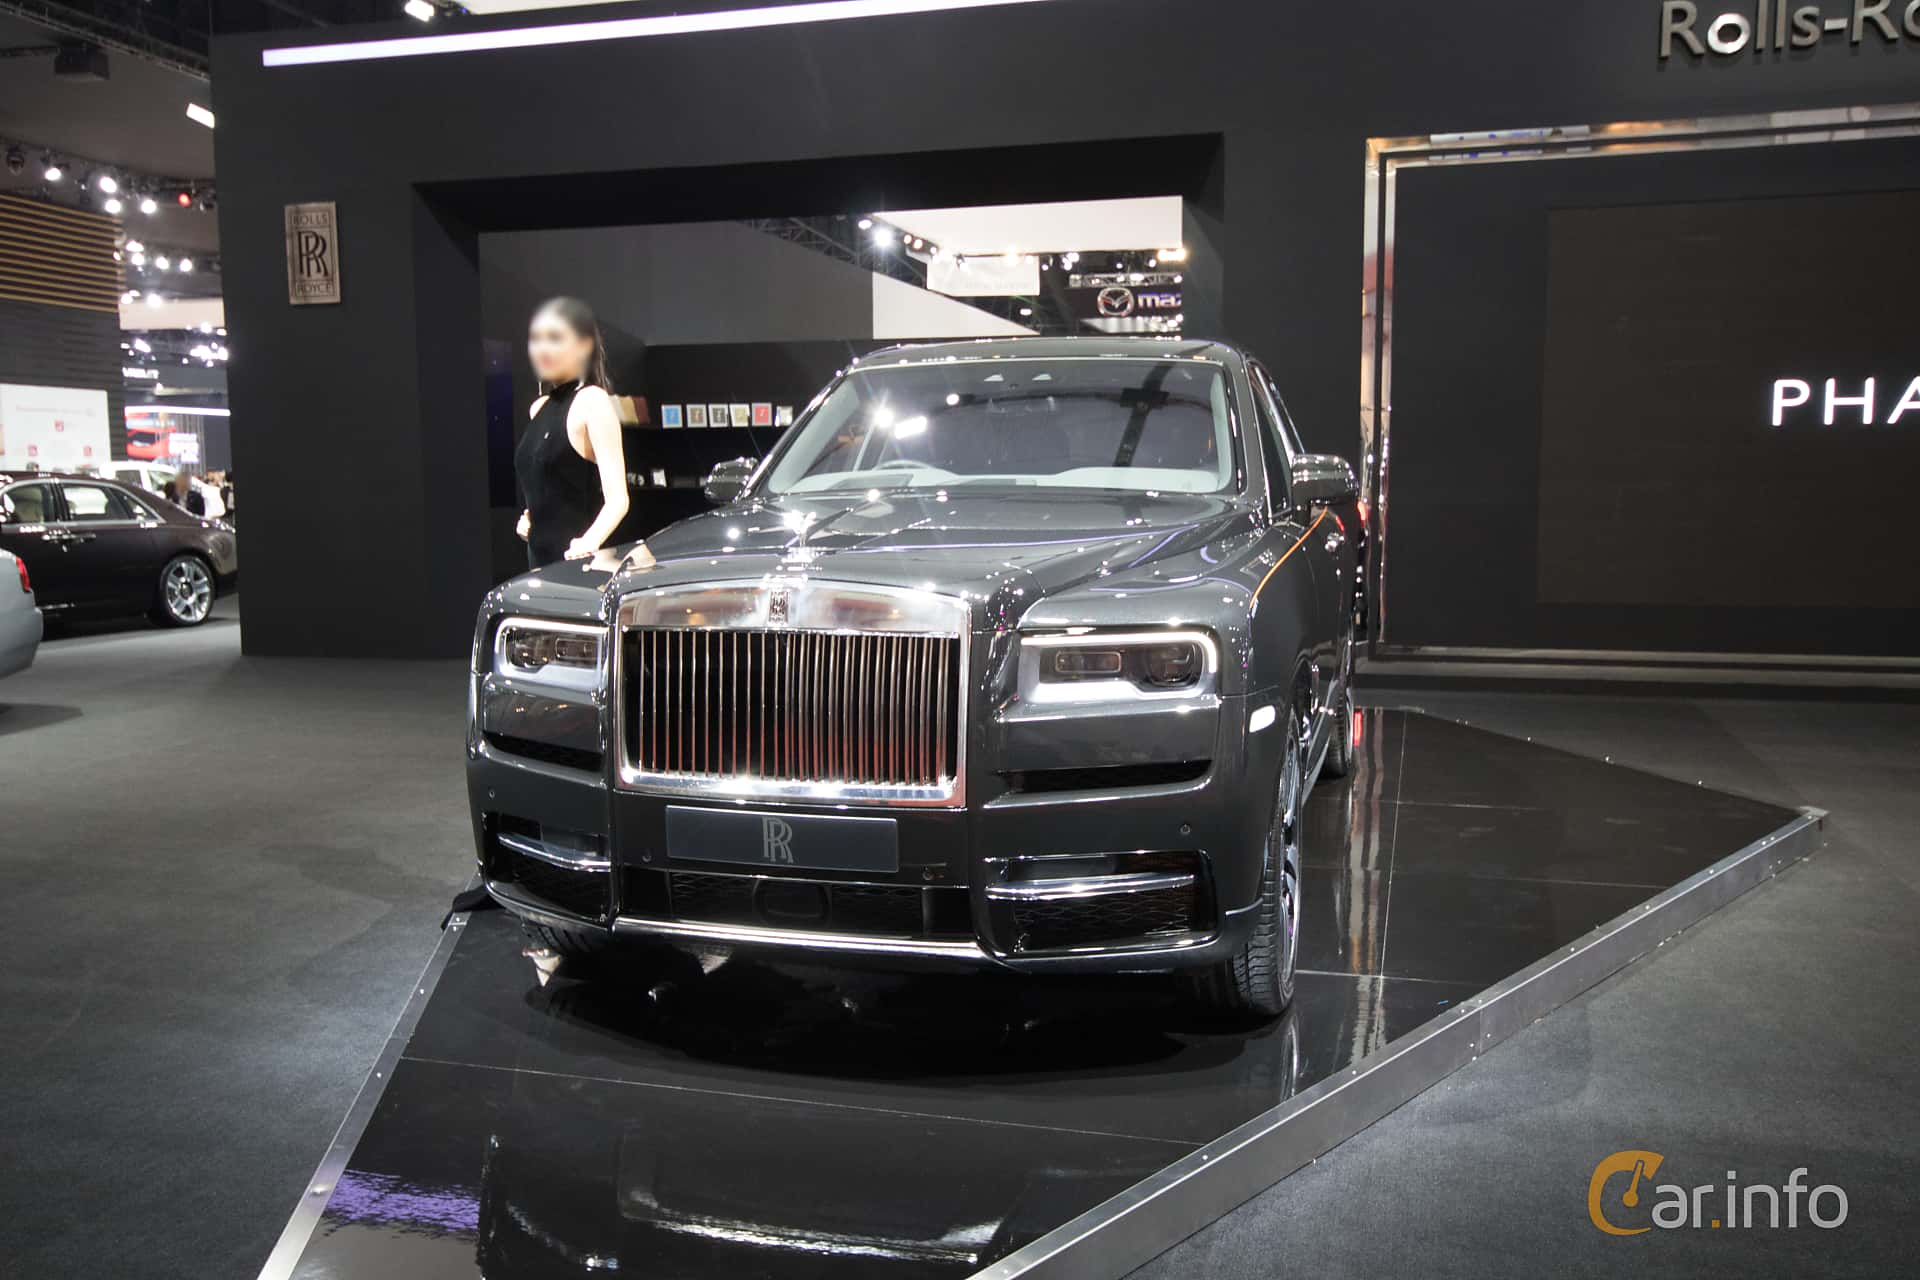 Rolls-Royce Cullinan 6.75 V12 Automatic, 571hp, 2019 at Bangkok Motor Show 2019